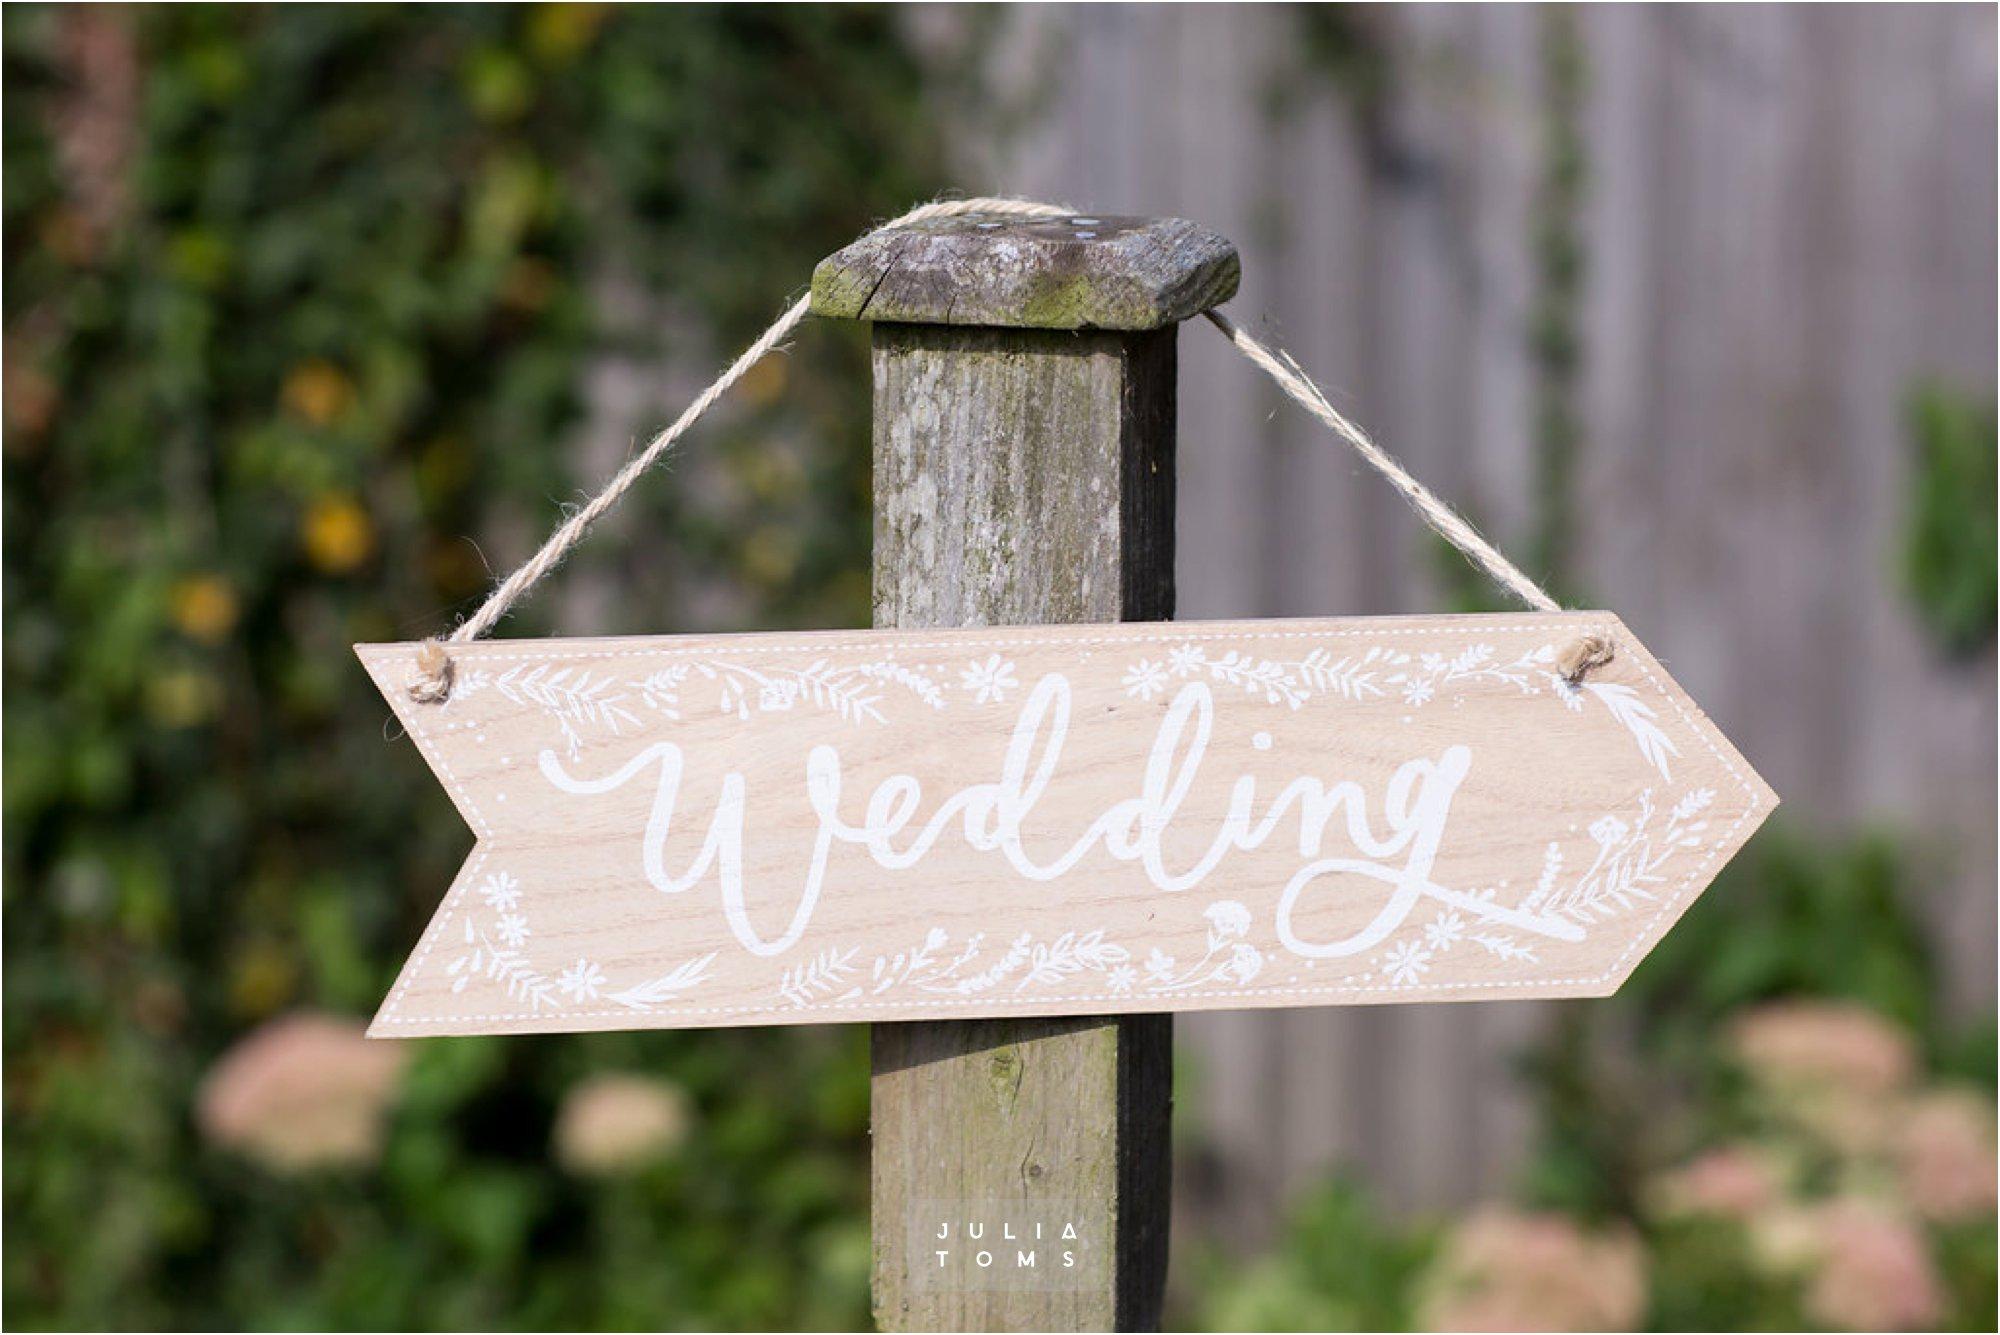 itchenor_wedding_chichester_photographer_074.jpg